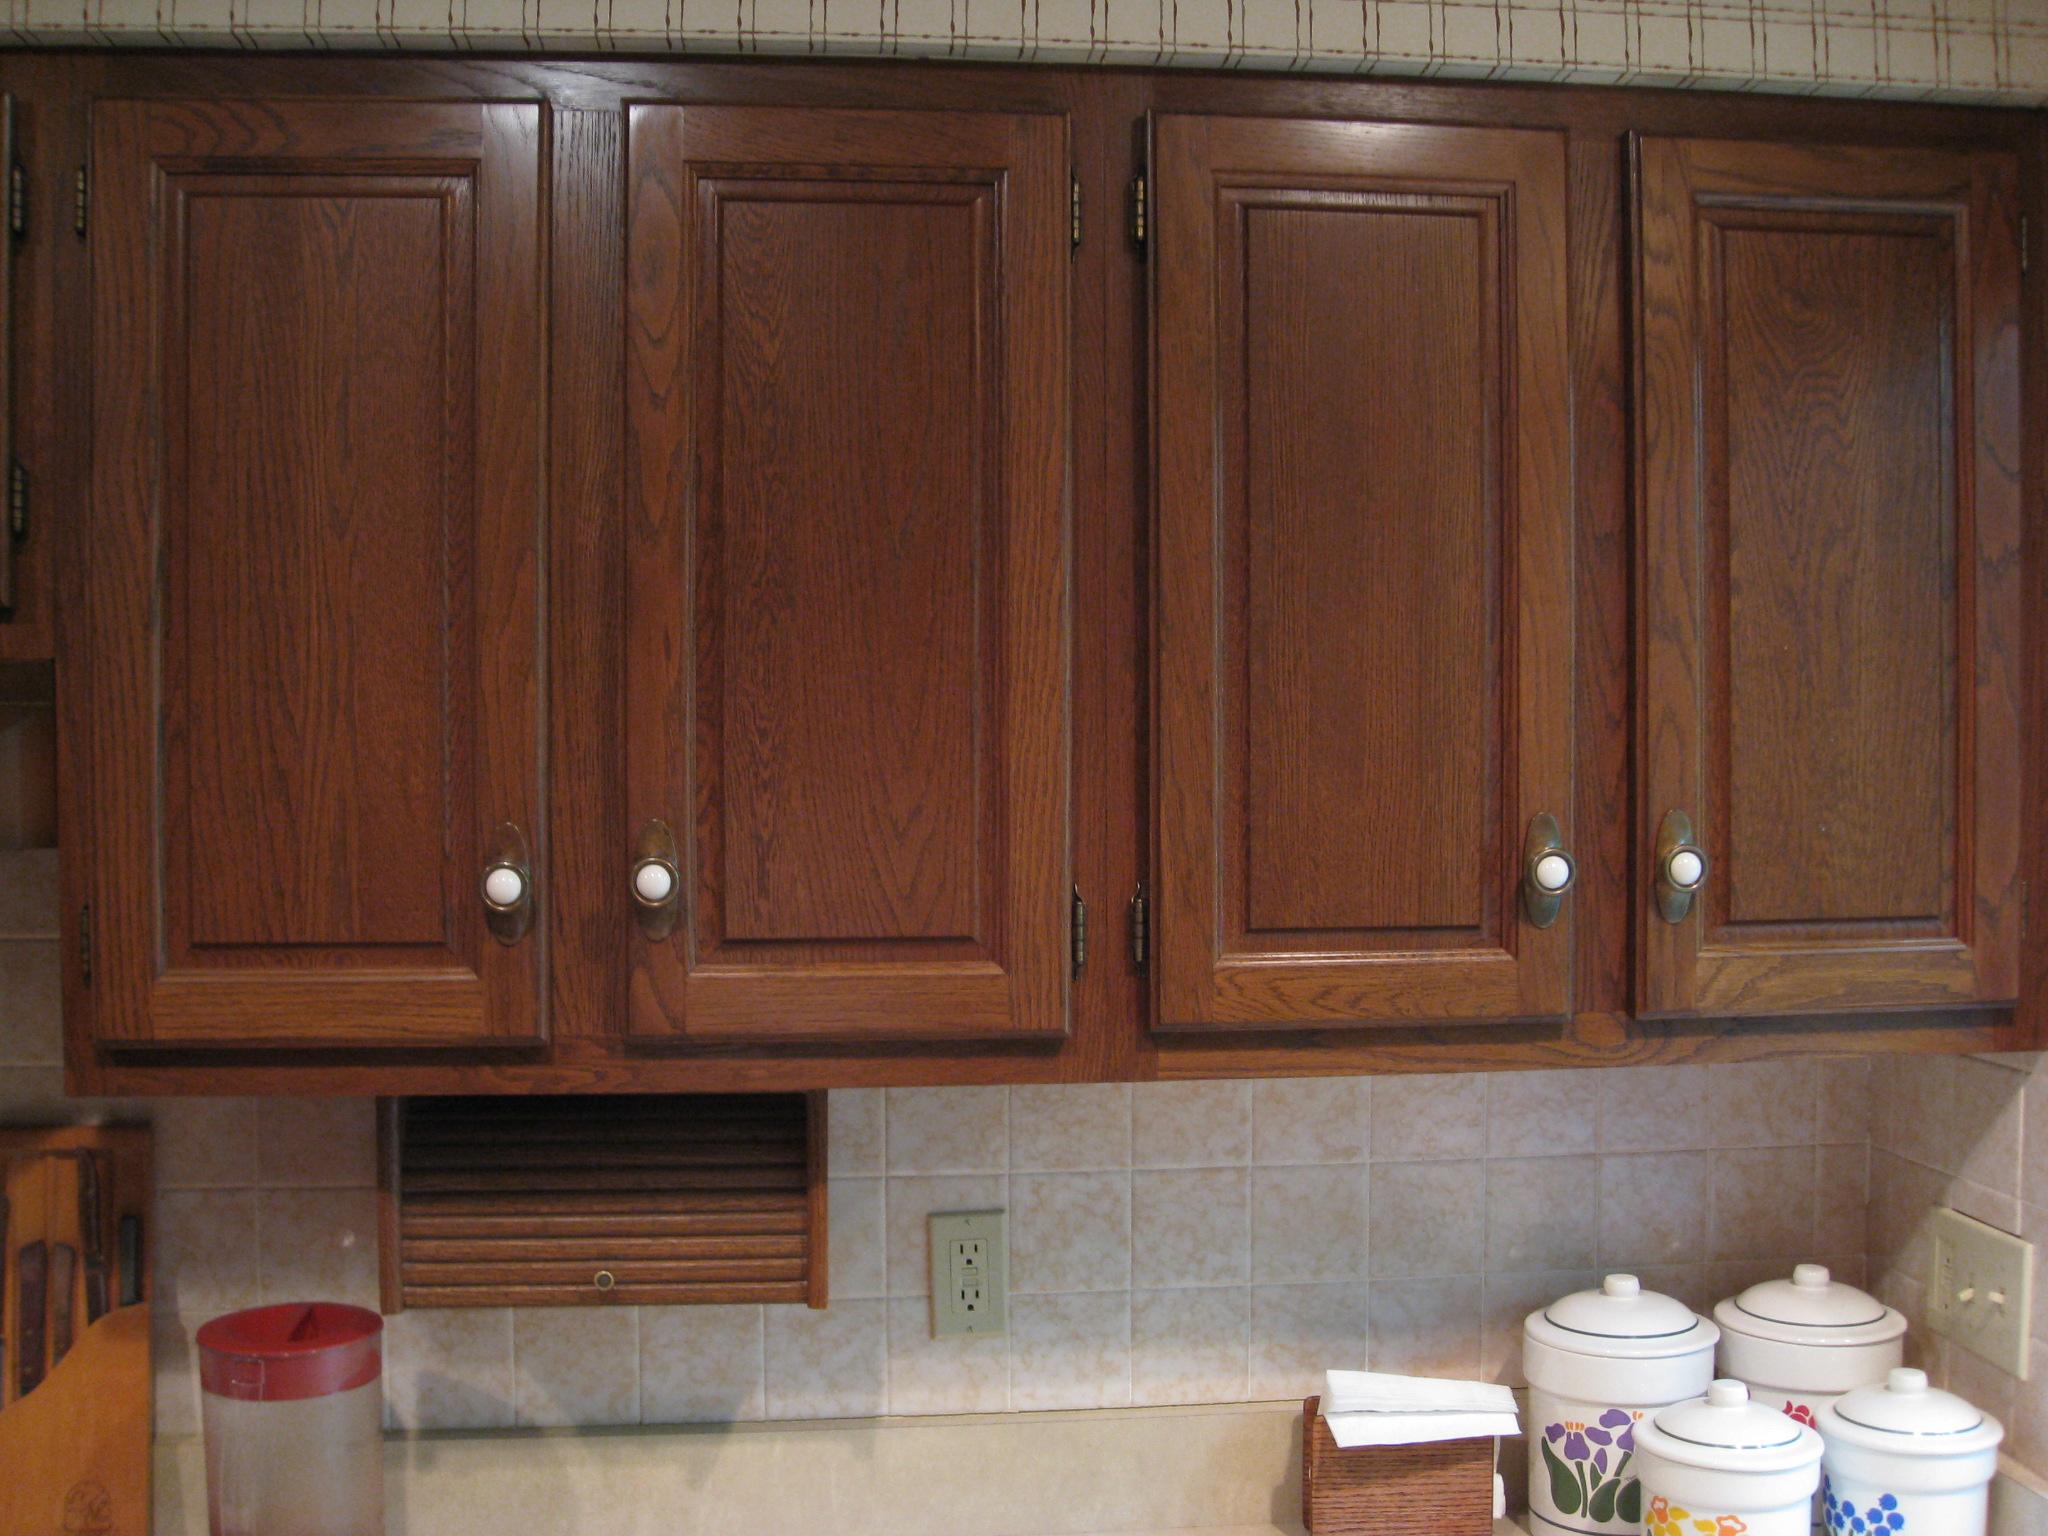 restaining-kitchen-cabinets-gel-stain-photo-16